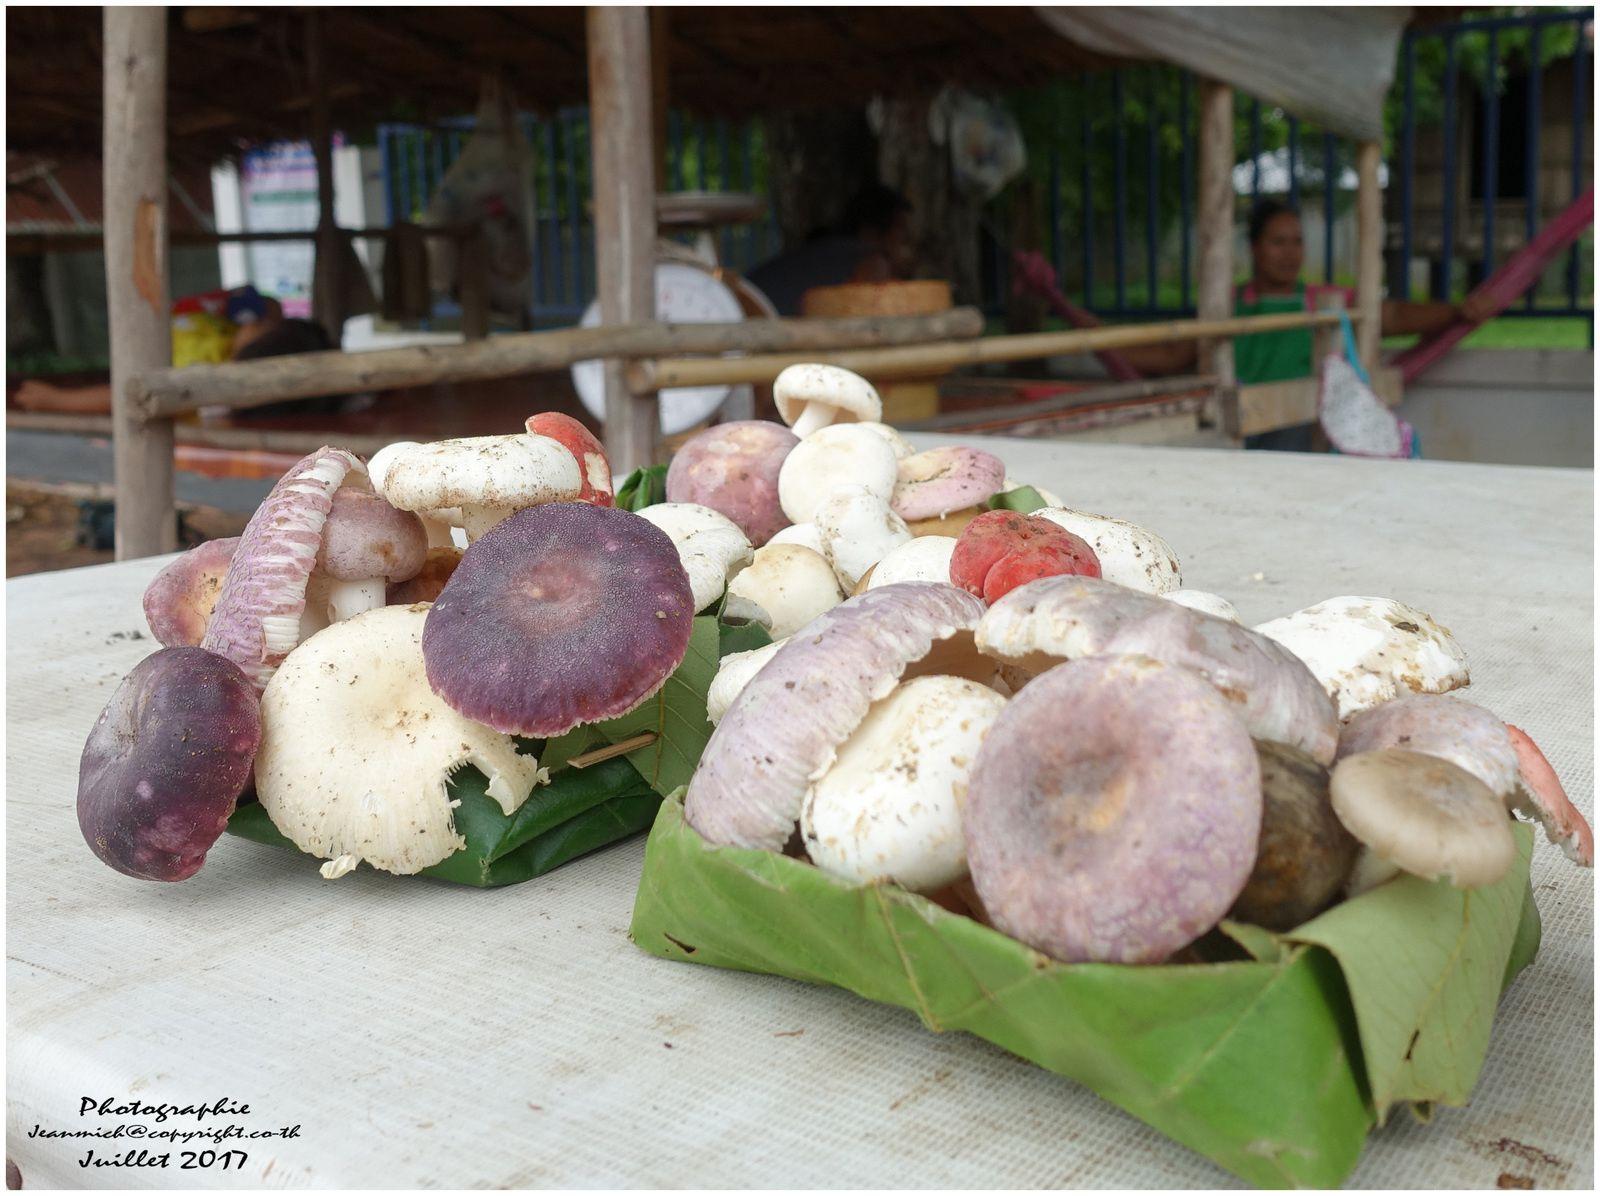 Des spécimens de russules charbonnière comestibles et délicieuses(les spécimens bleutés), malheureusement mélangées a d'autres russules inconnues......